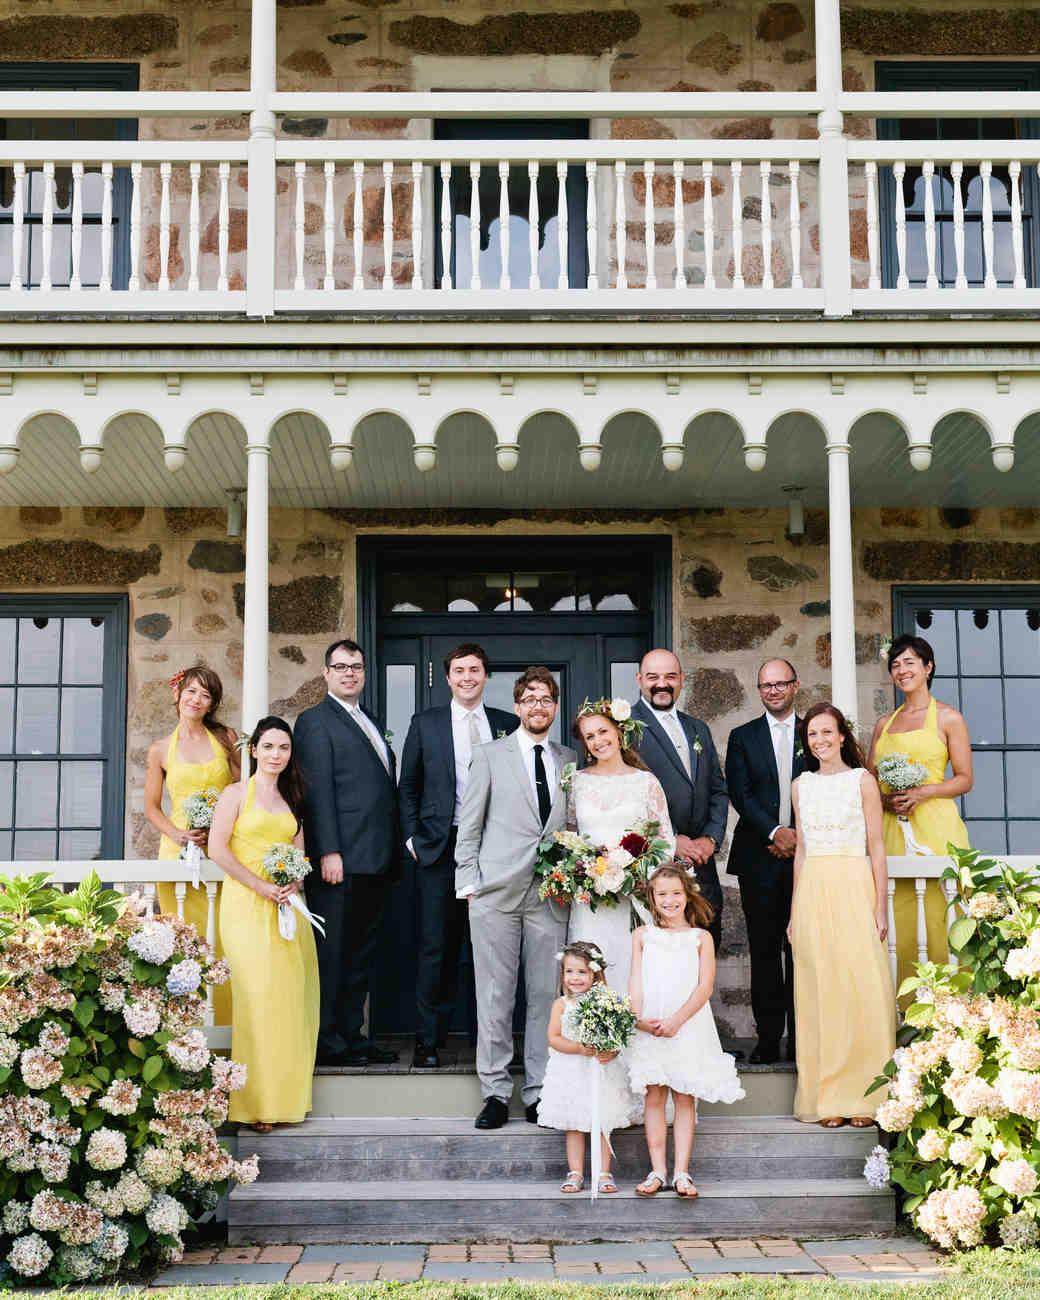 jola-tom-wedding-bridalparty1-0614.jpg